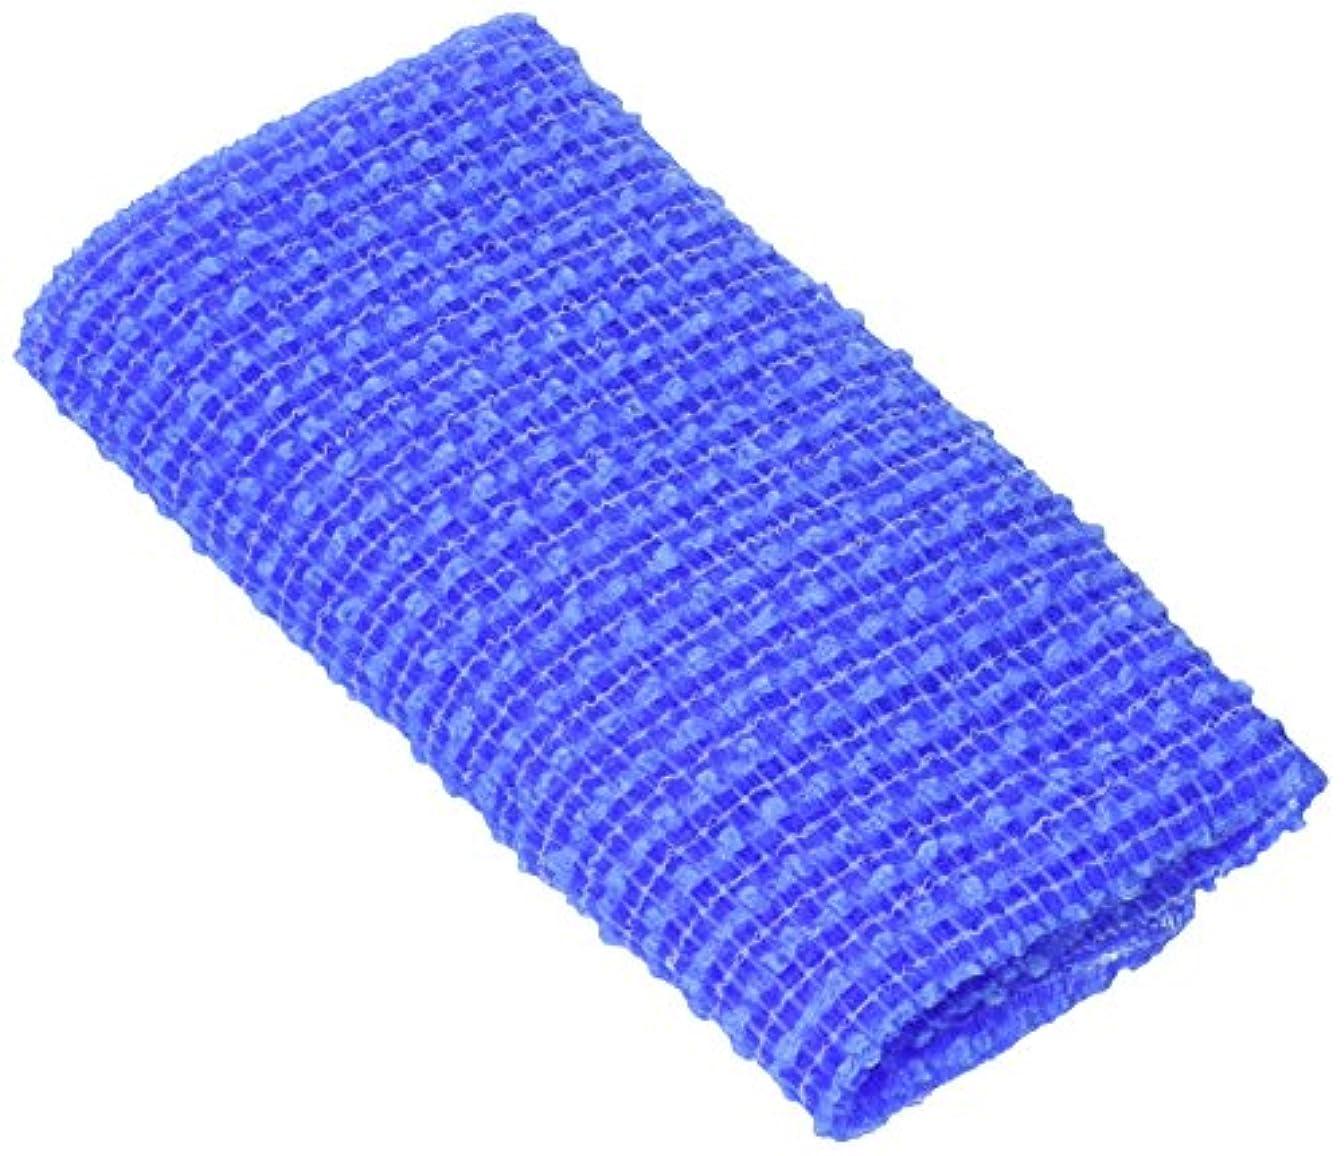 ベーシックレンチ品種キクロン ボディタオル RNメンズアワスター 超かため 紺